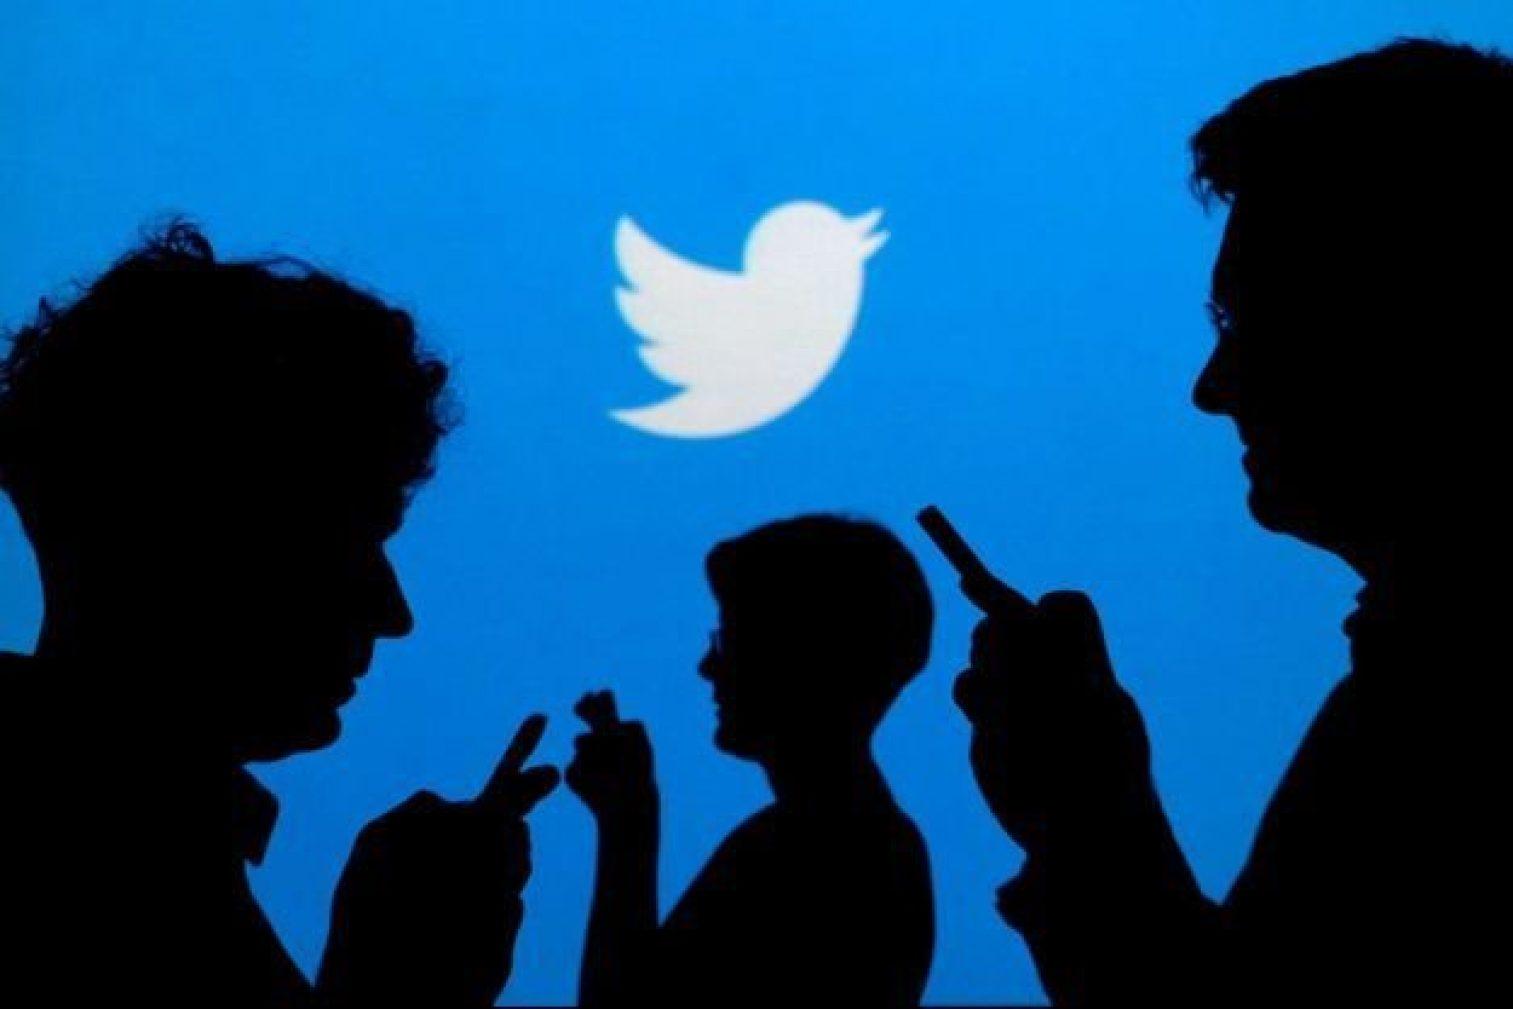 Le Gouvernement Nigerian Annonce L Interdiction De Twitter Dans Le Pays Sur Twitter